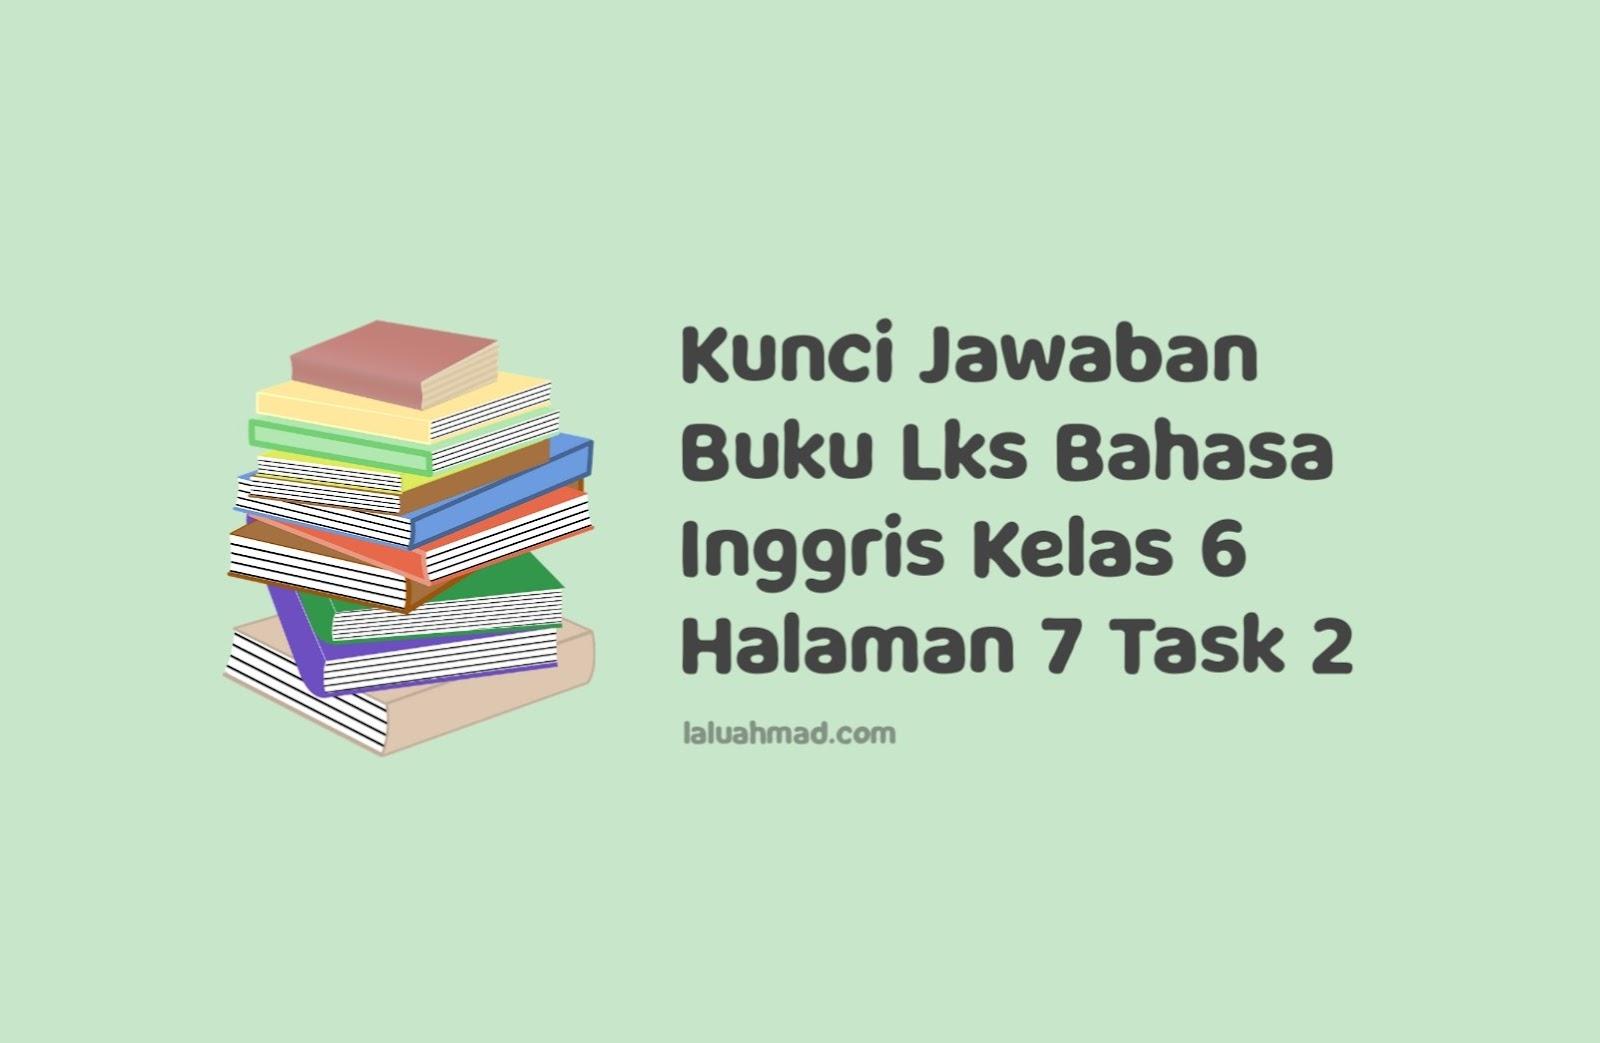 Kunci Jawaban Buku Lks Bahasa Inggris Kelas 6 Halaman 7 Task 2